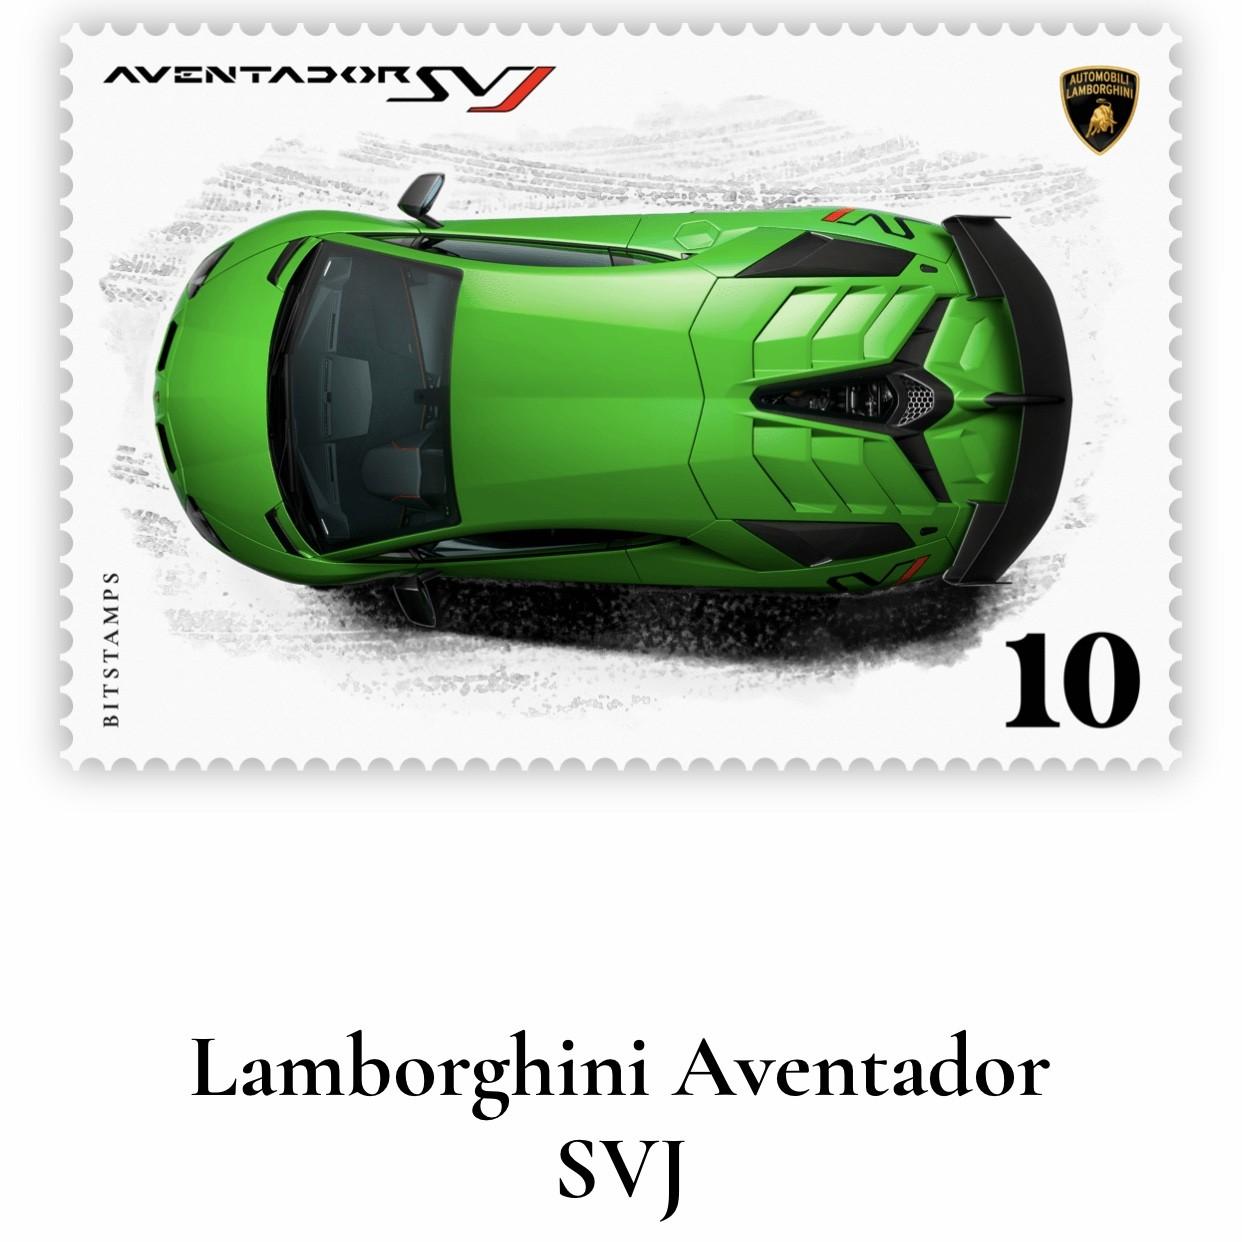 ランボルギーニ,デジタル切手